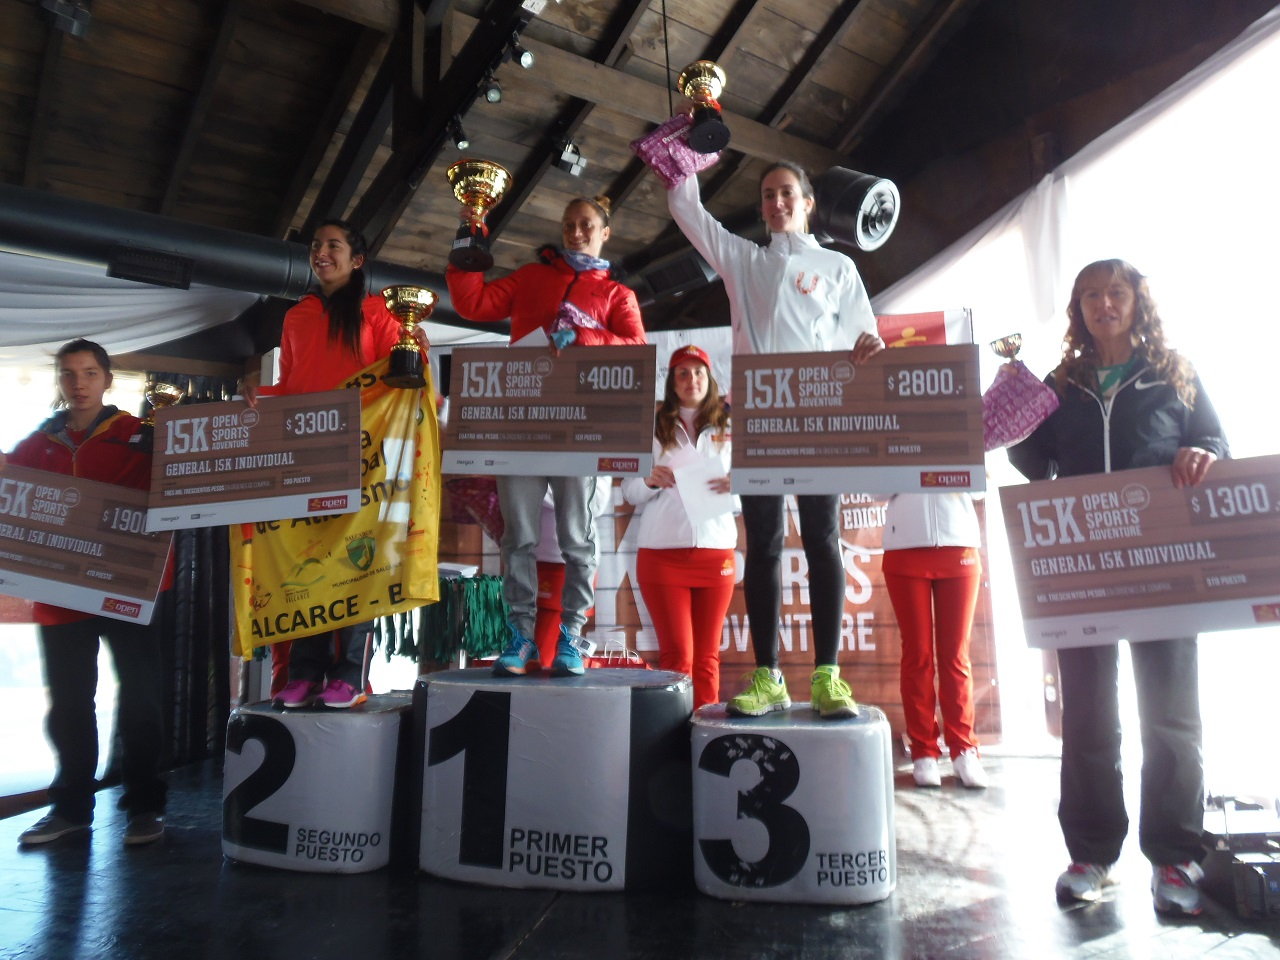 El podio femenino de los 15K con Florencia Borelli en lo más alto.